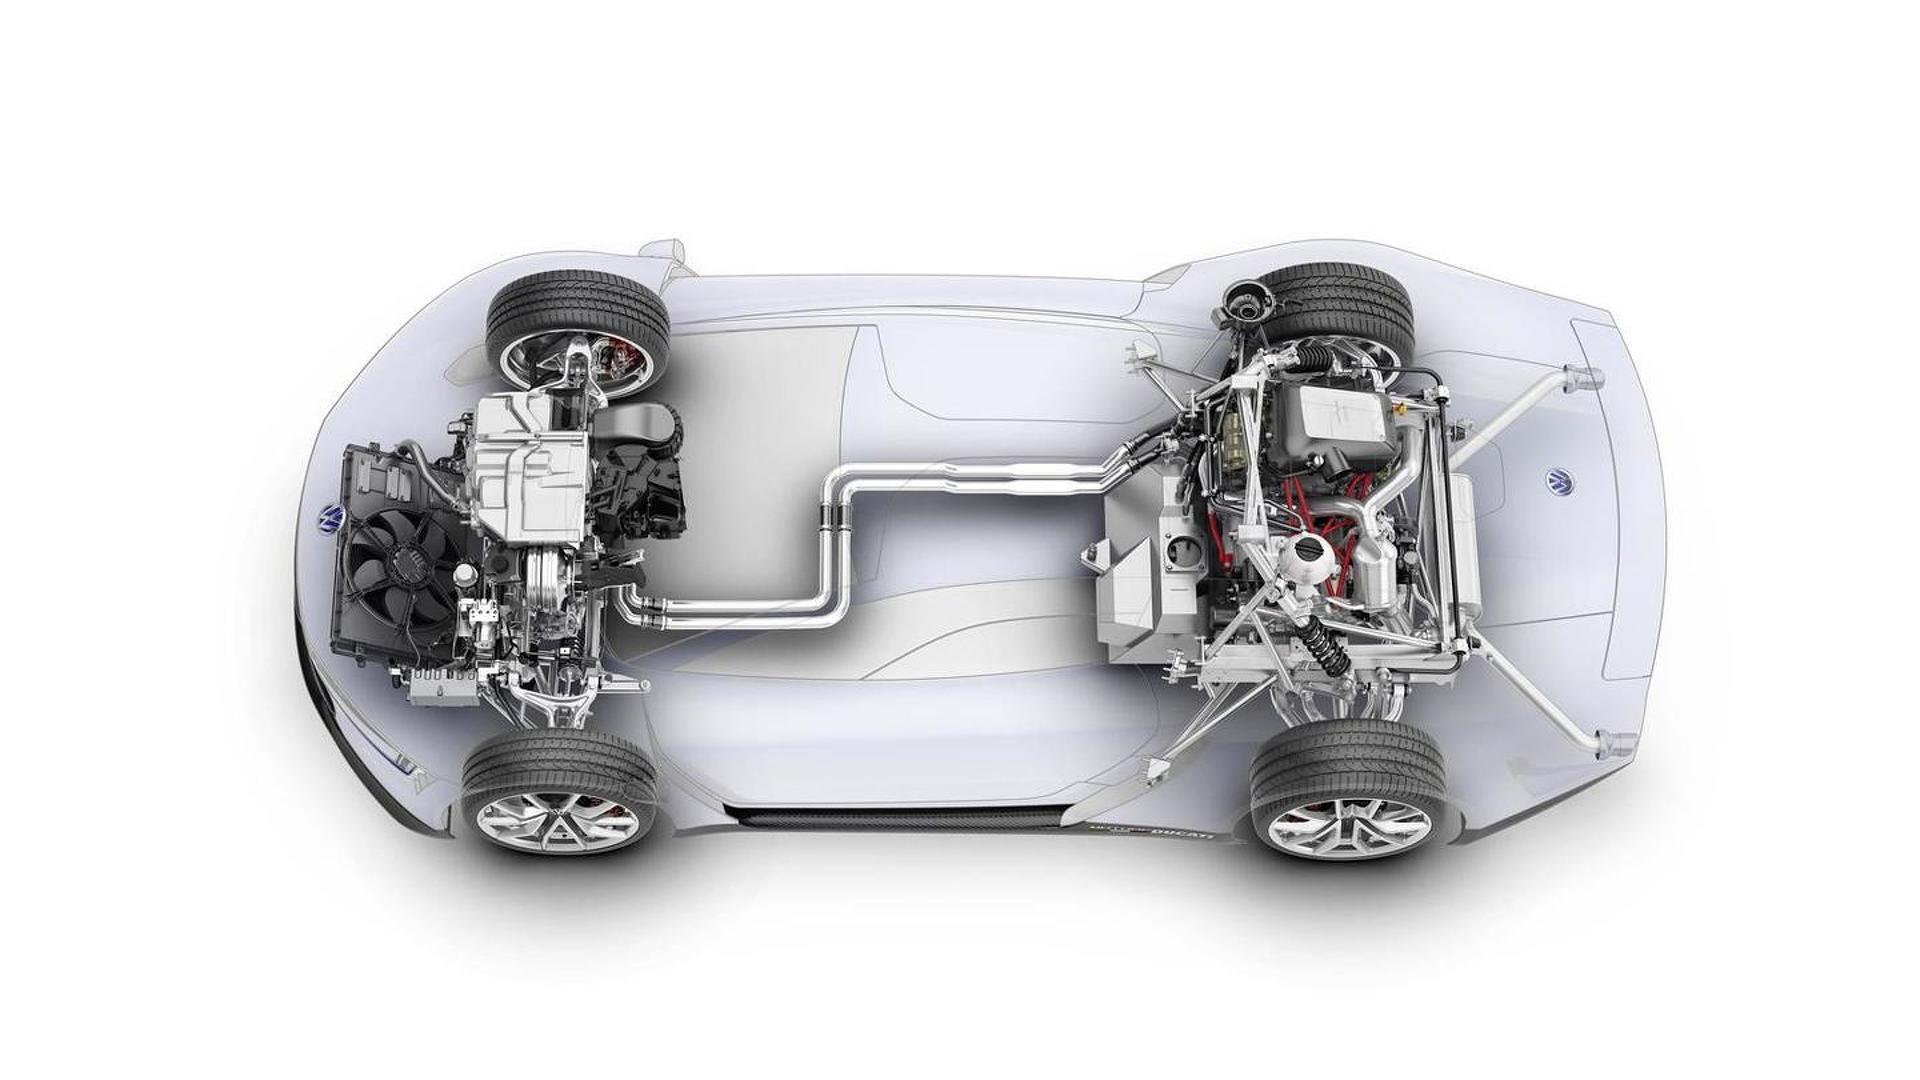 VW XL Sport: автомобиль с мотоциклетным двигателем Ducati